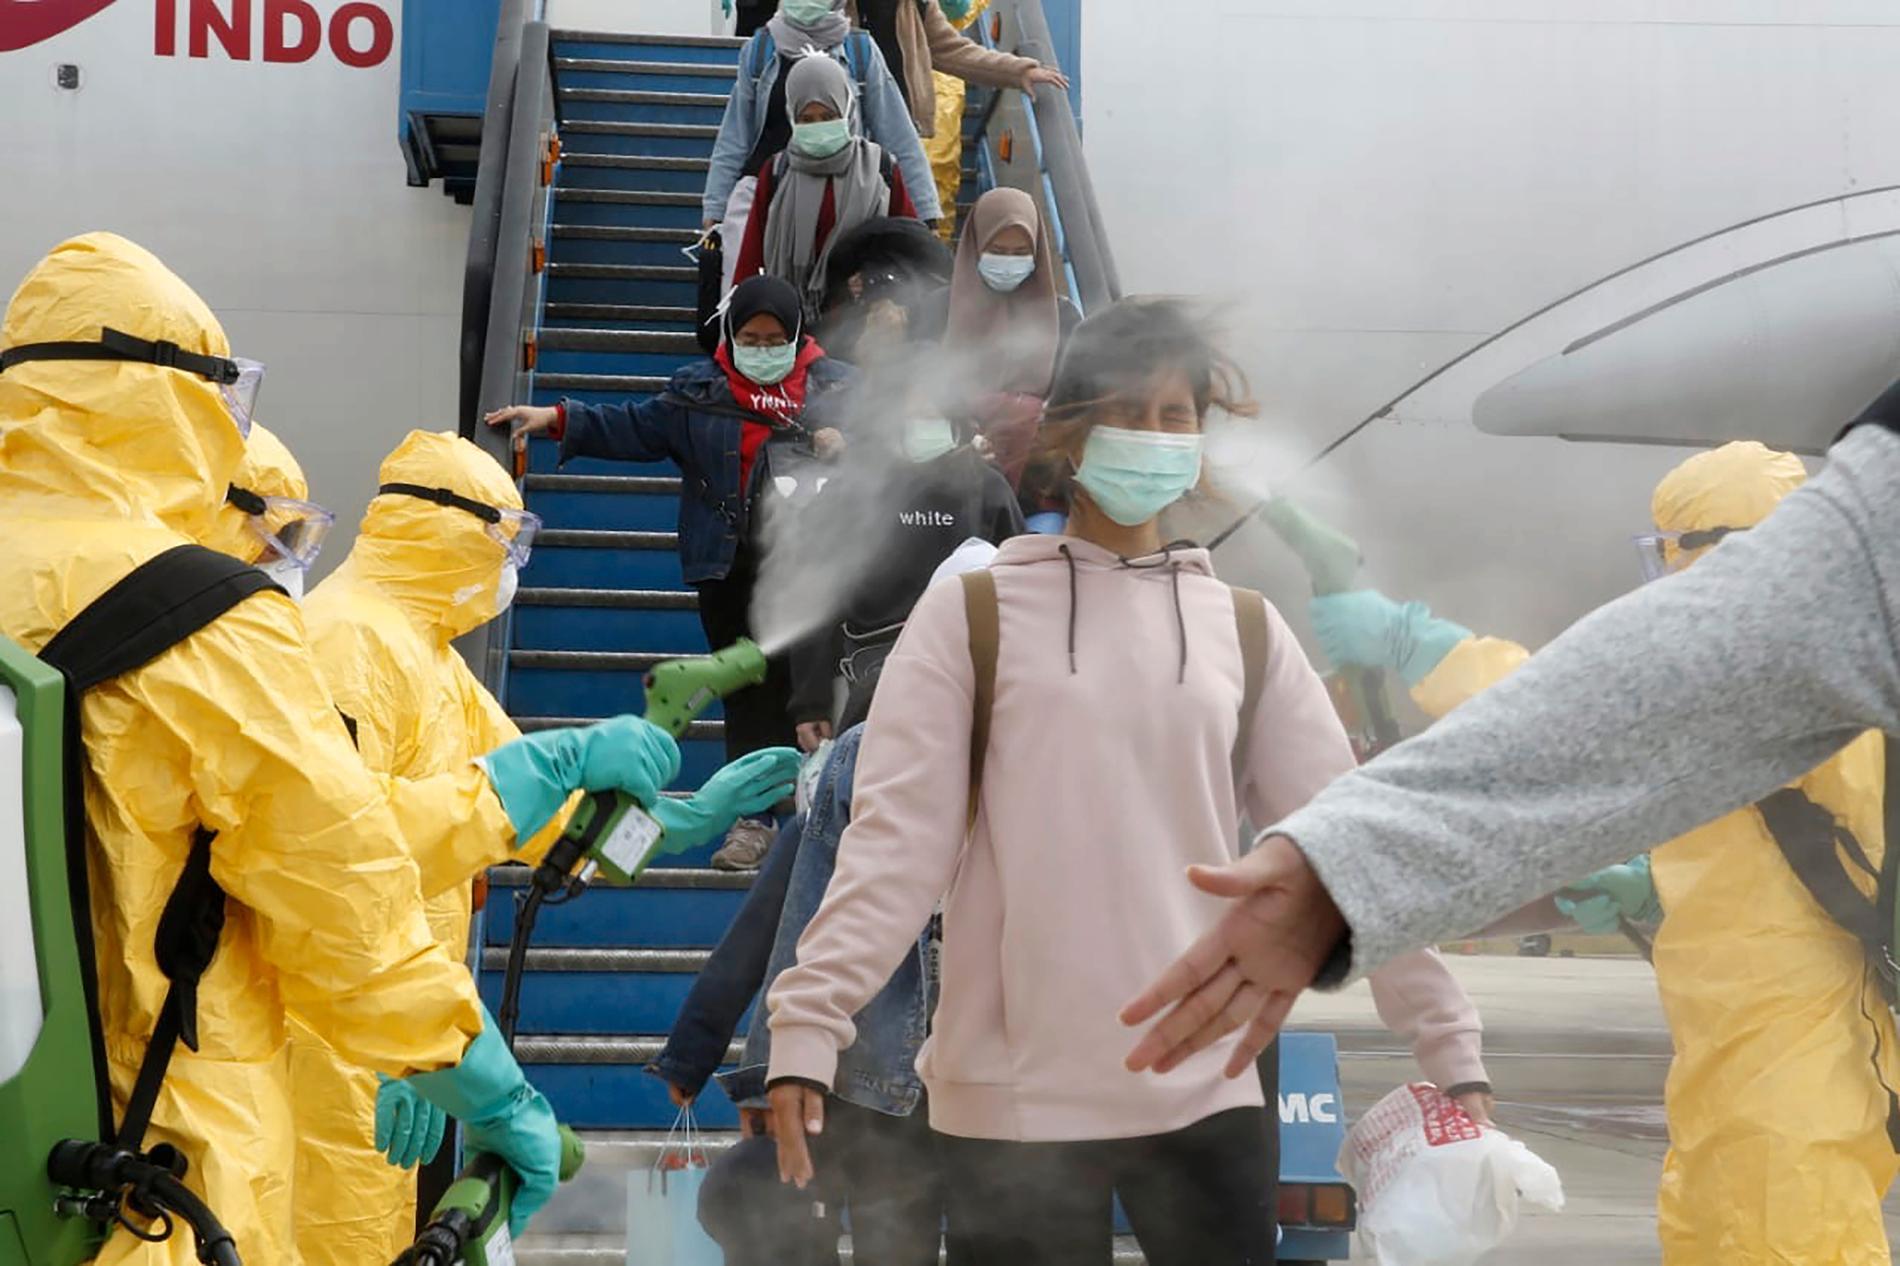 Det virus som nu riskerar att spridas över världen kommer ursprungligen från fladdermöss, visar forskning enligt uppgifter i tidskriften Nature.. På bilden passagerare i Indonesien som kliver av ett flyg från Kina.